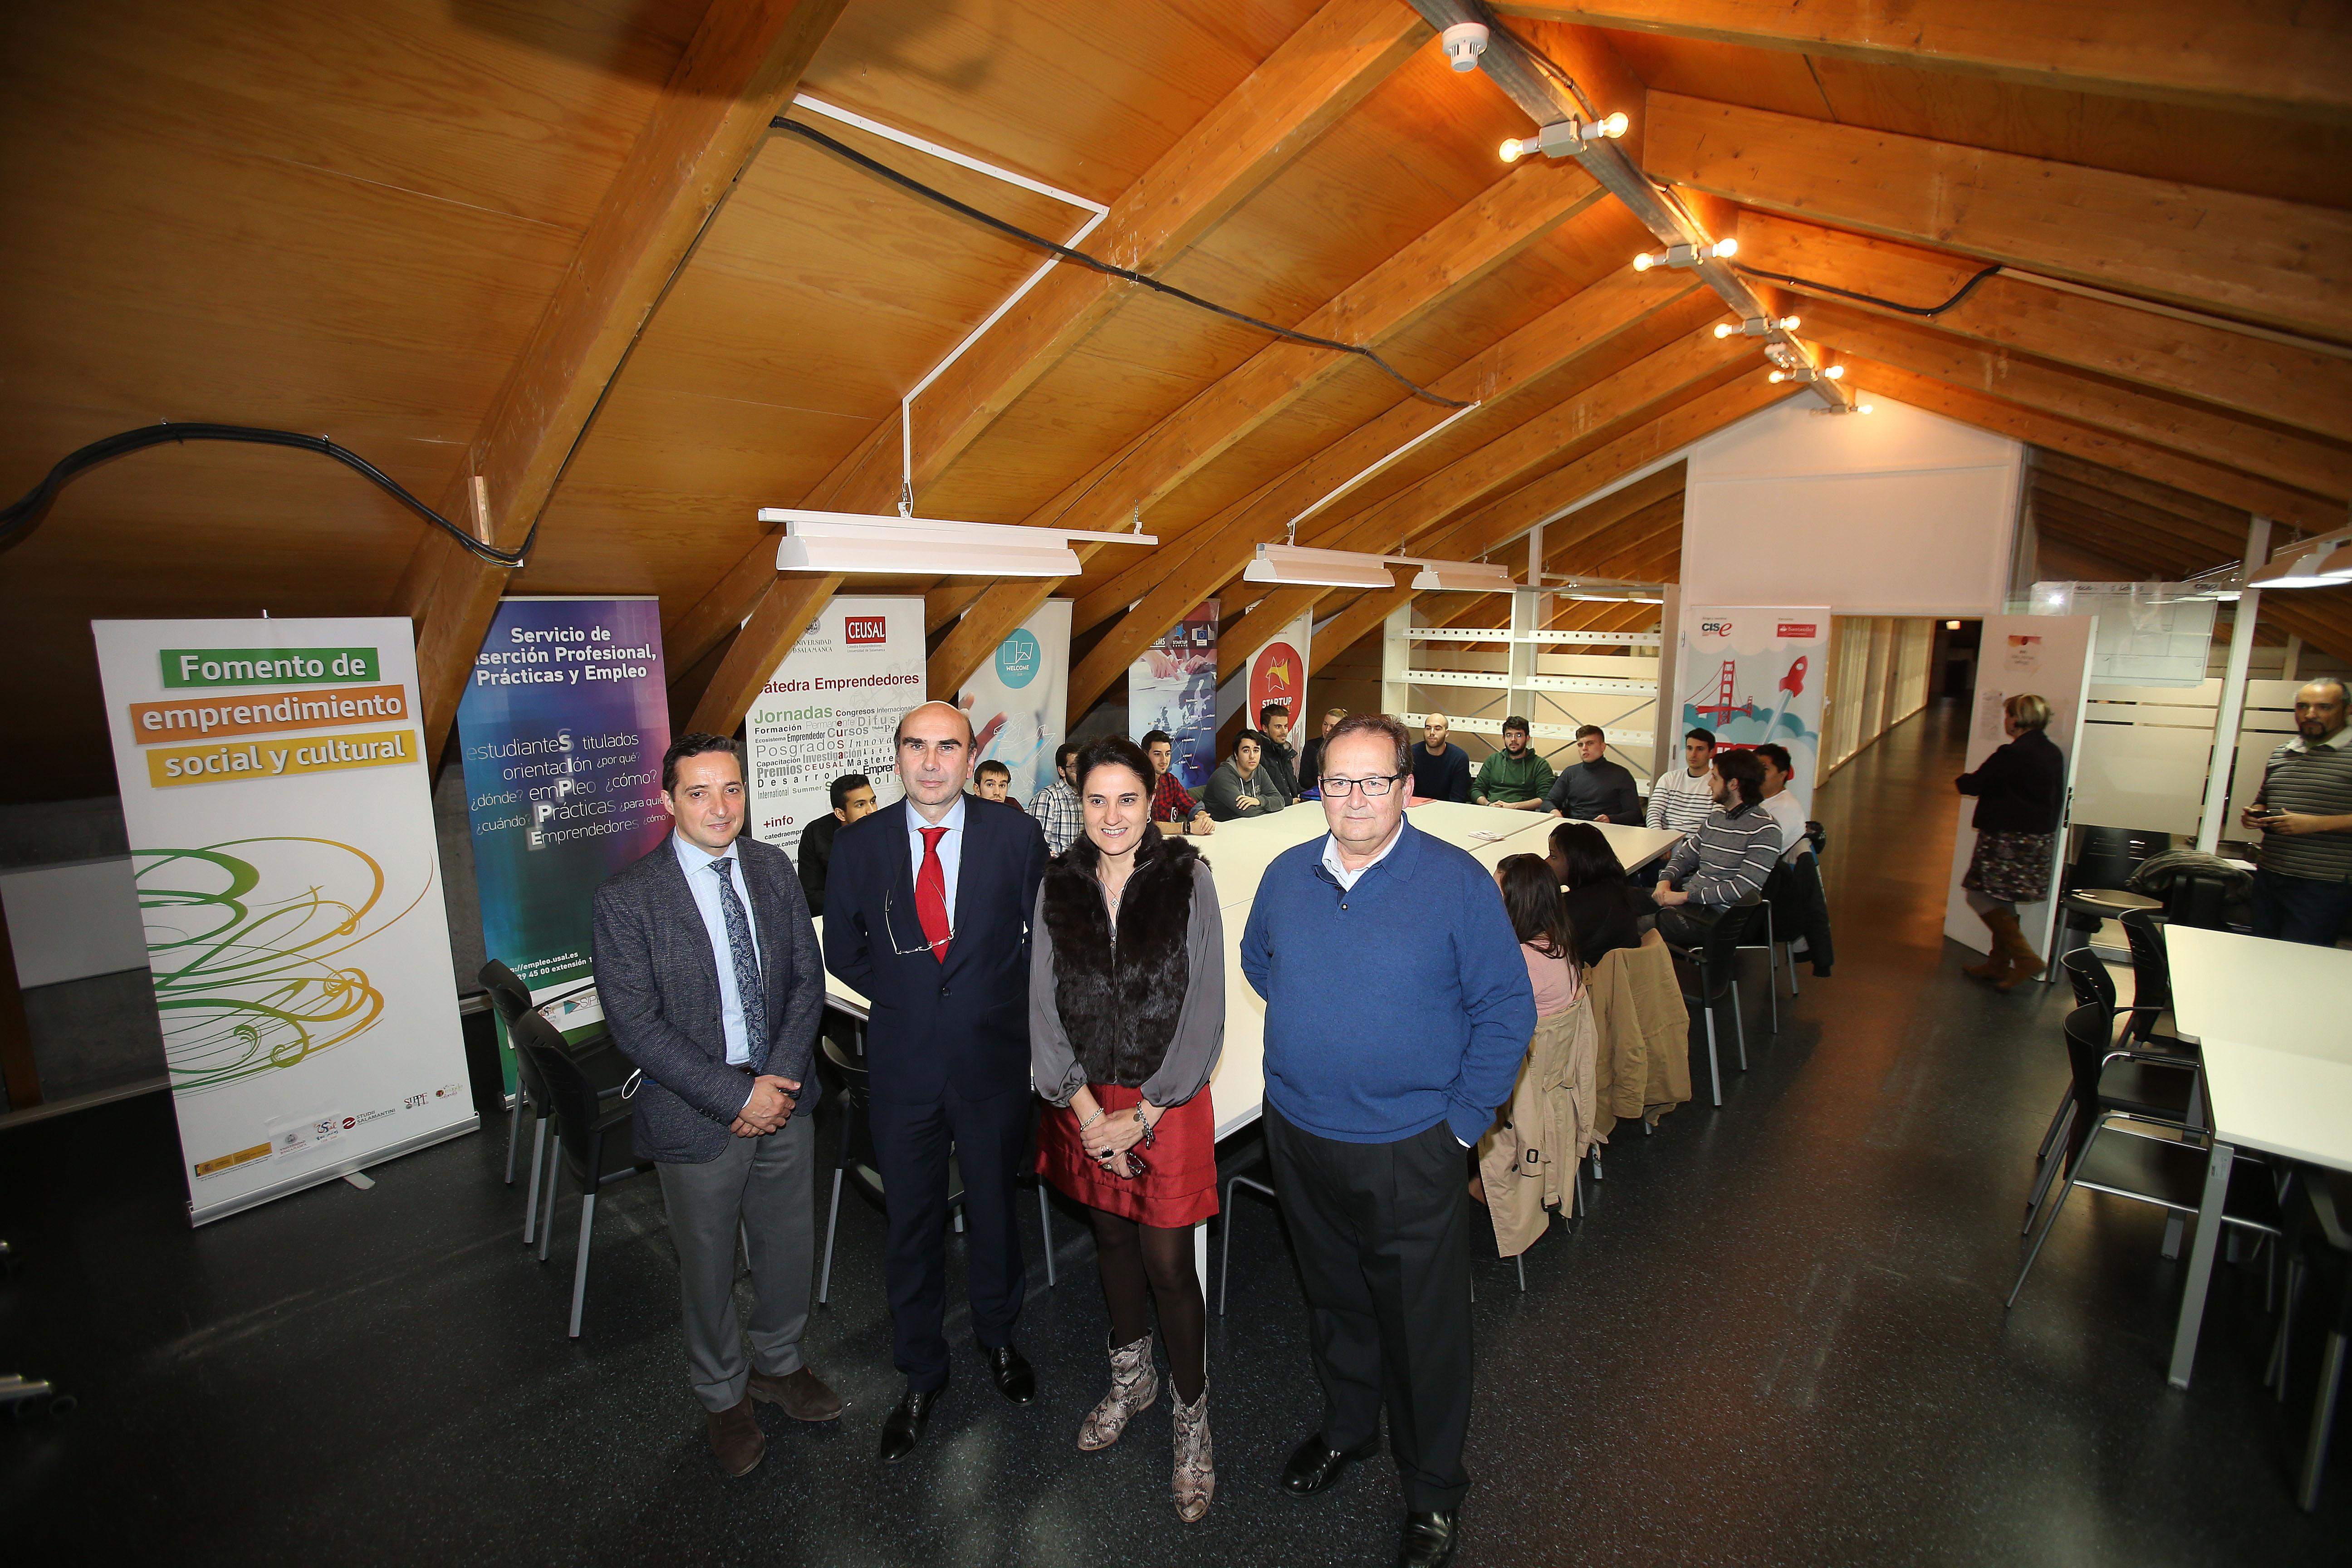 La Universidad de Salamanca participa en la nueva edición de Santander YUZZ 'Jóvenes con ideas' con 20 nuevos proyectos emprendedores